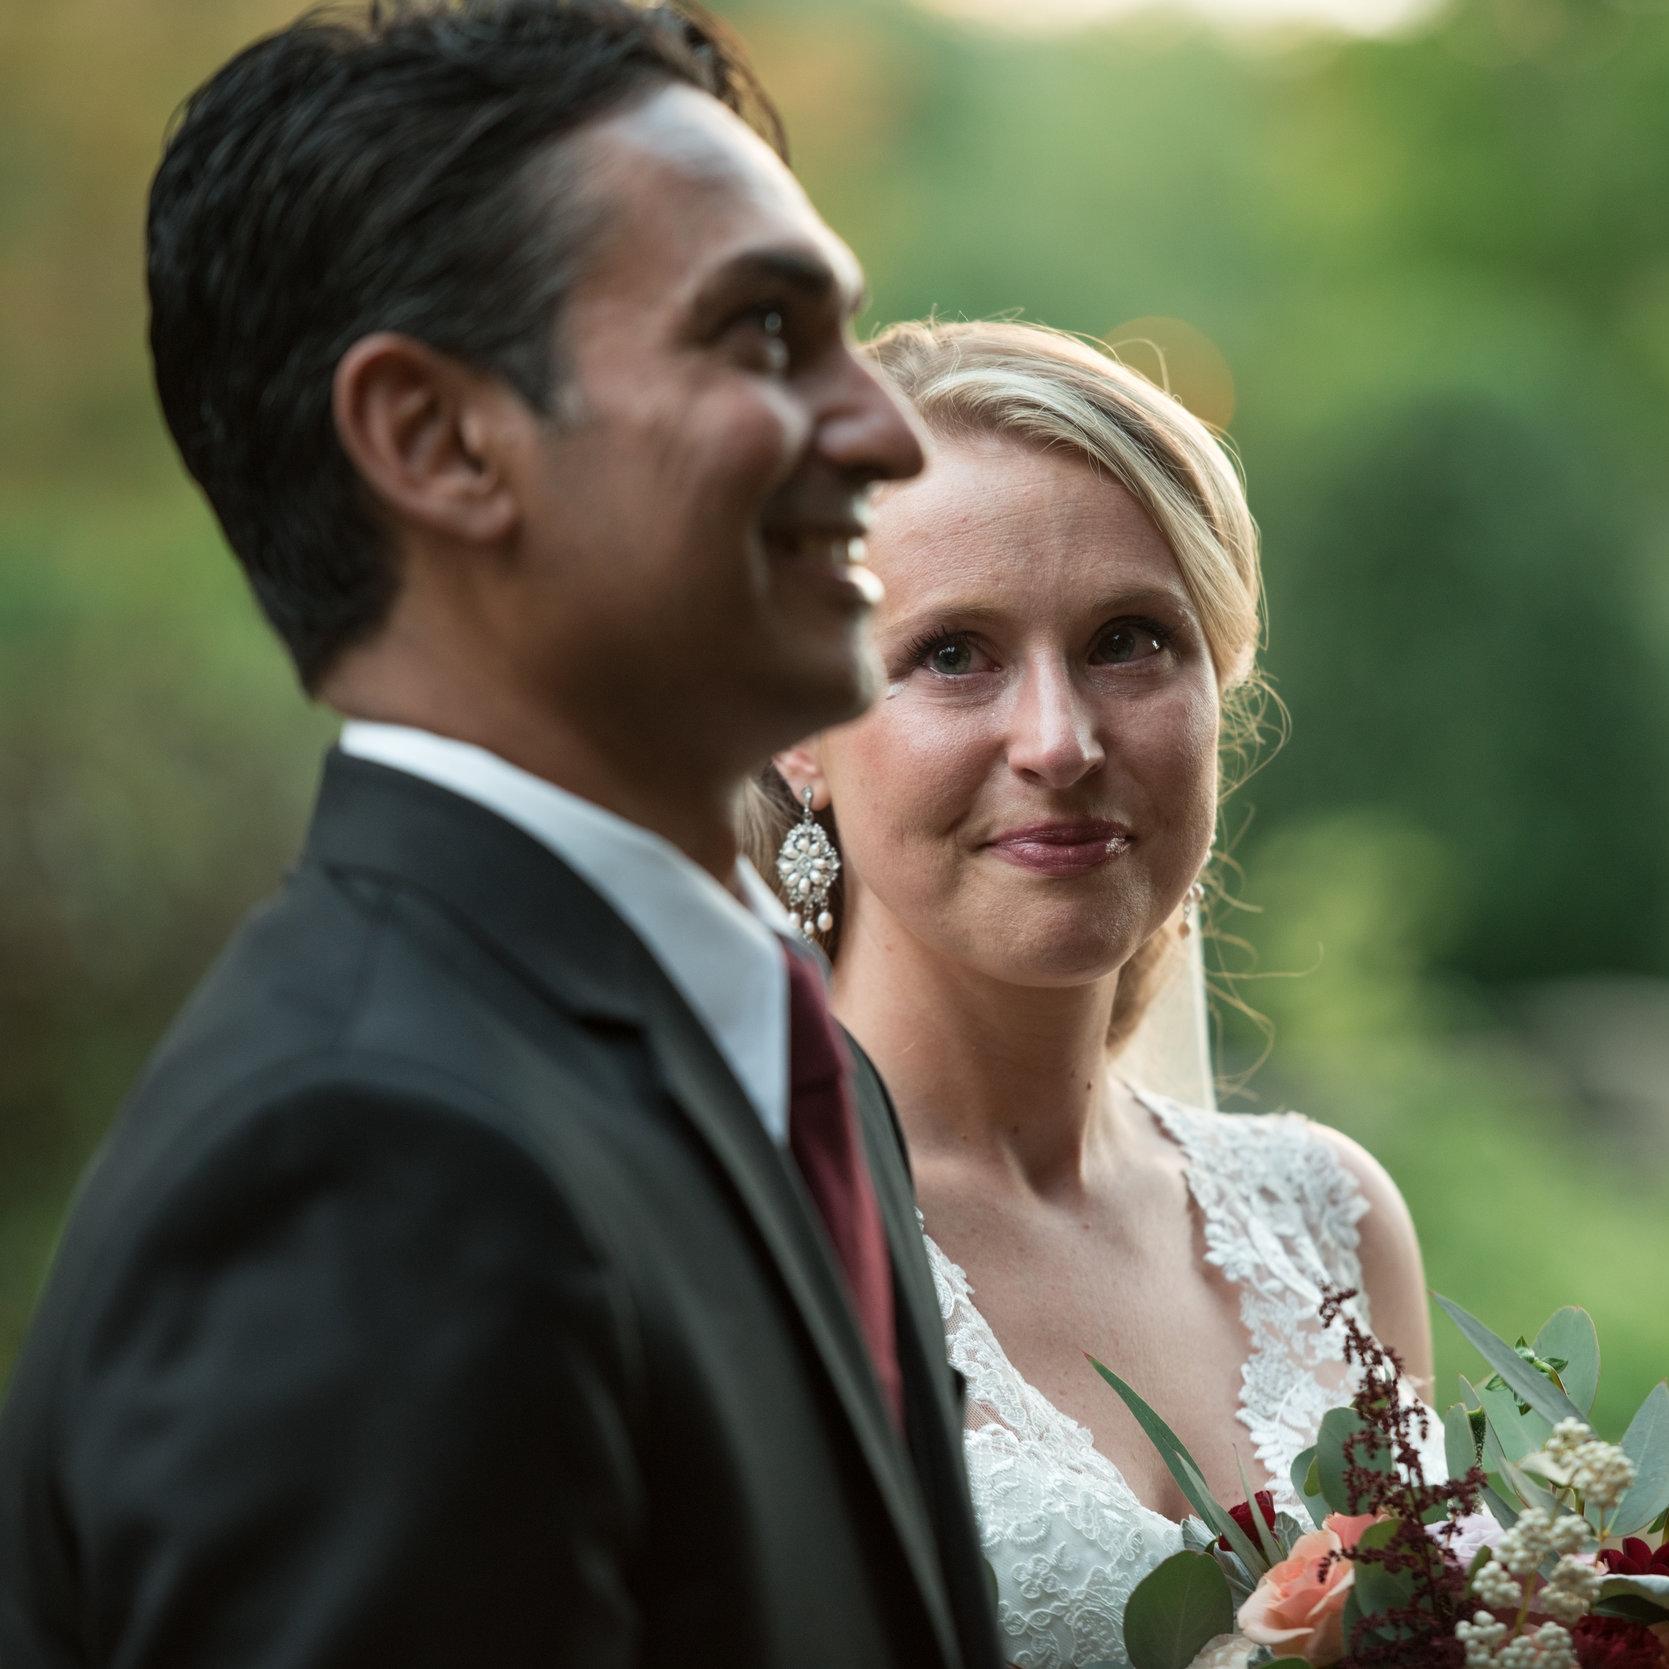 Jodie+Surain_Wedding_Ceremony-81.jpg